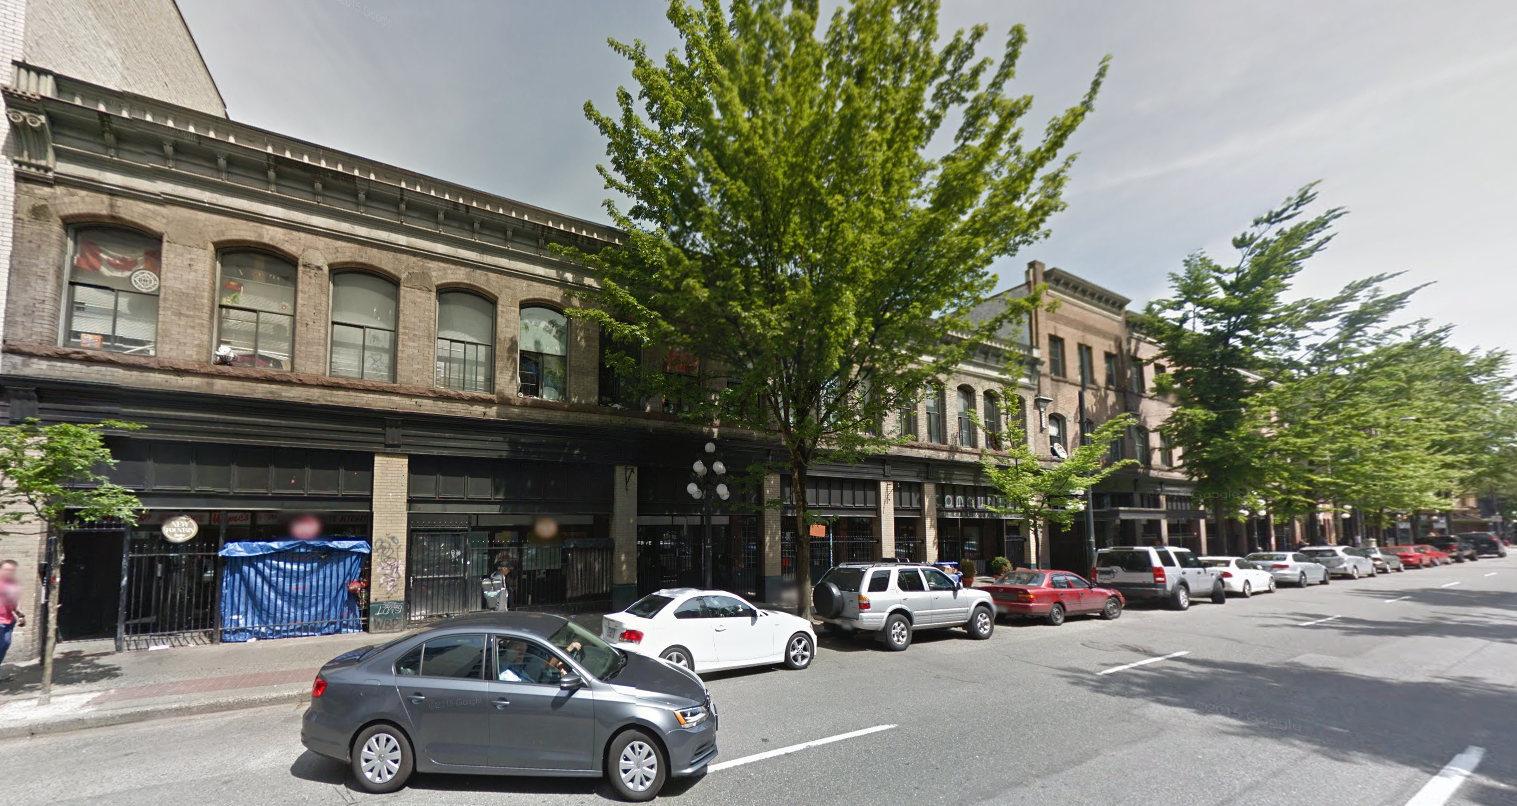 Image: Google Streetview